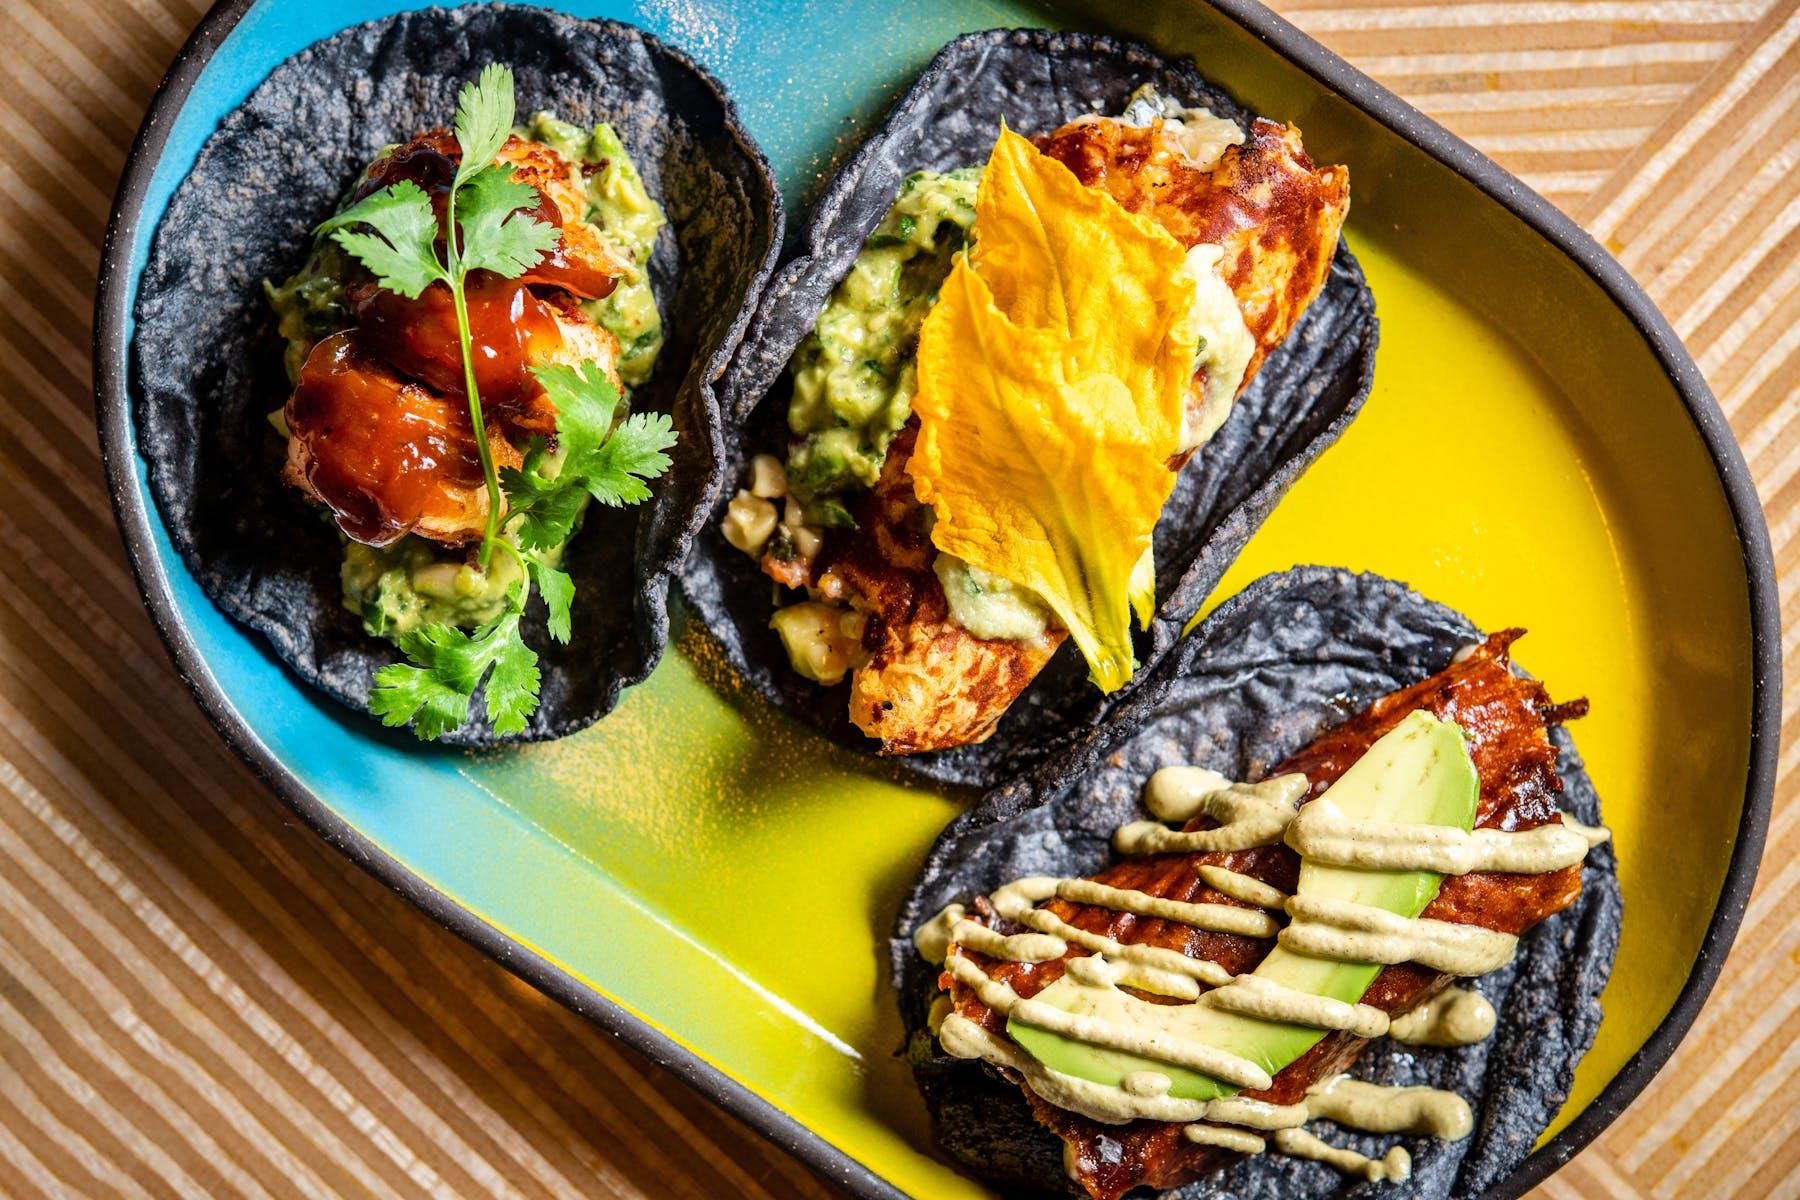 Puesto award winning tacos